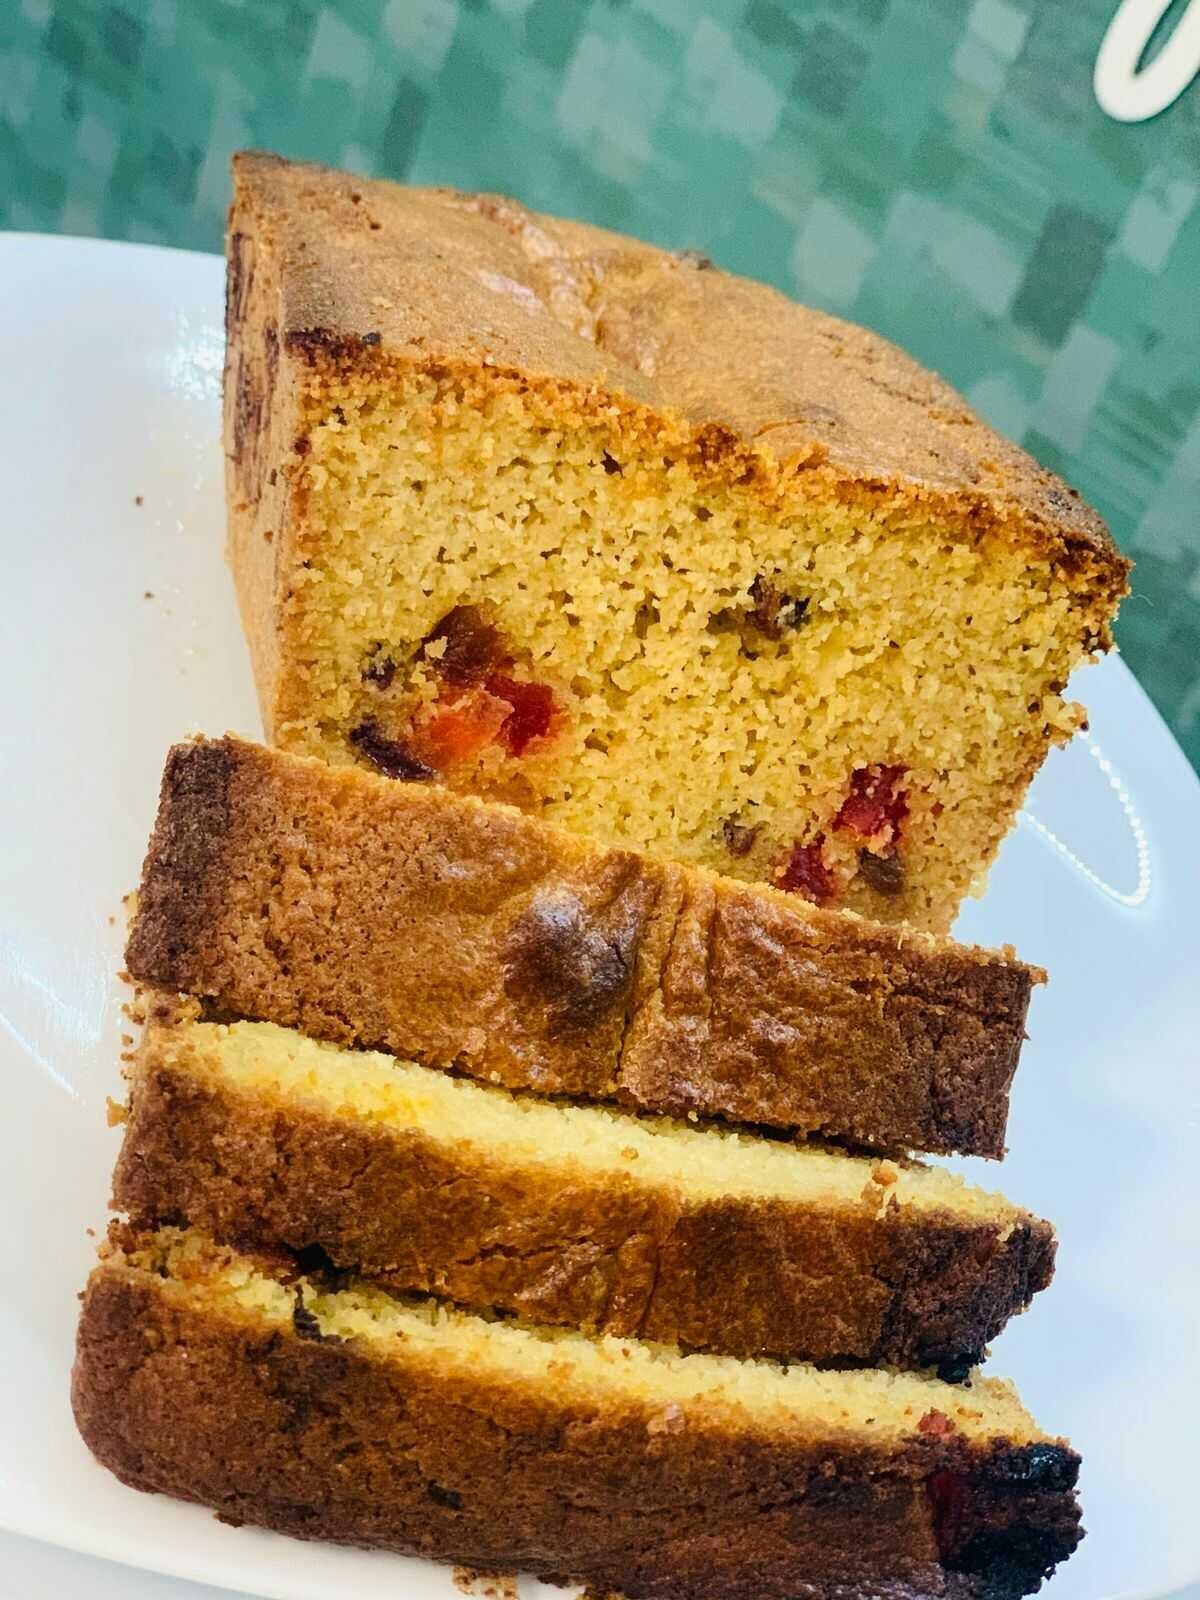 TASTE FIT BY DIANA FARFAN - panque de vainilla con frutos secos